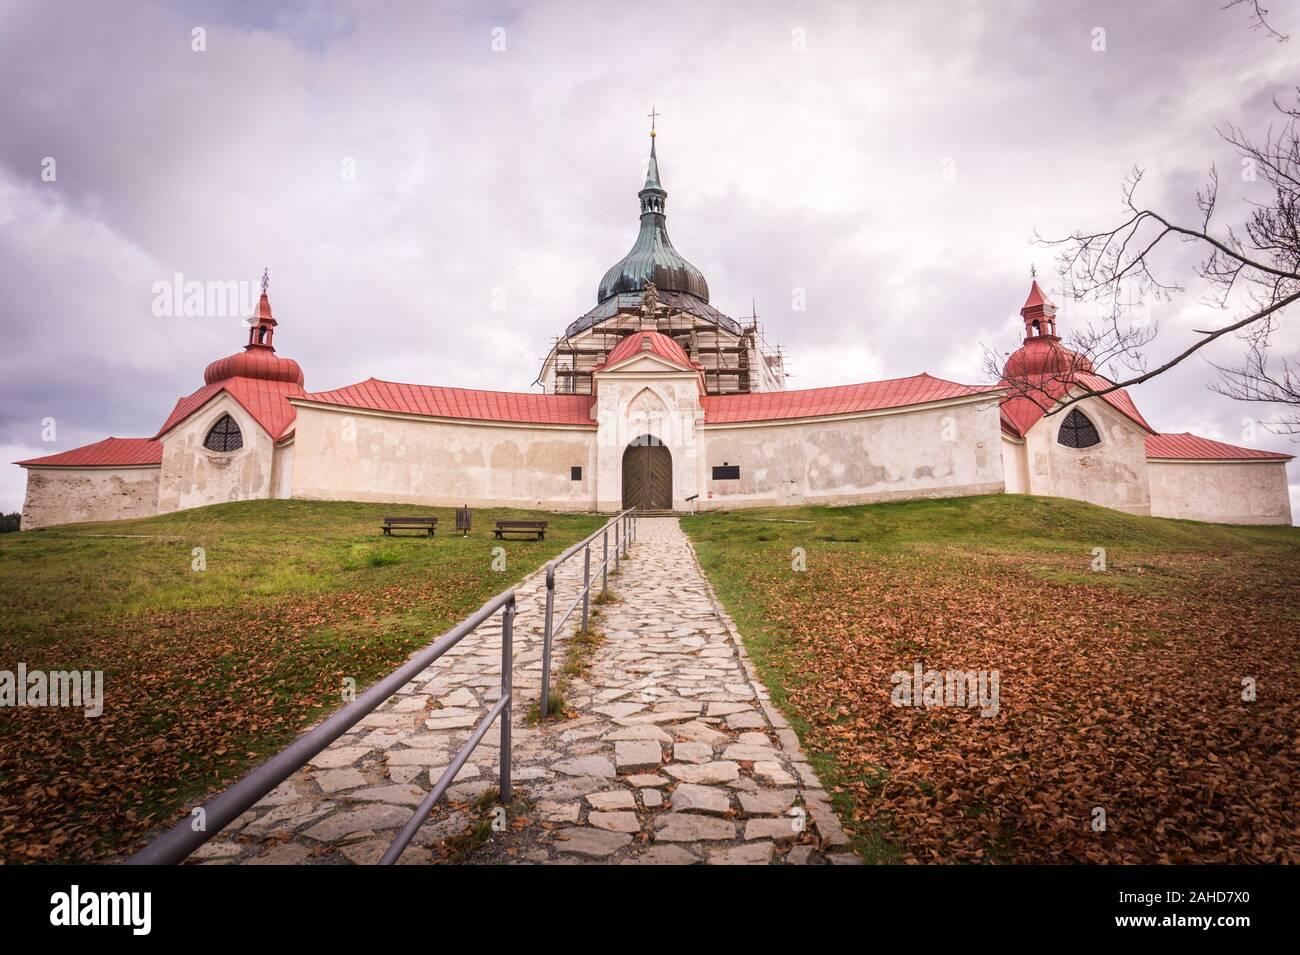 Église de Saint-Jean de Nepomuk sur Zelena Hora - monument de l'UNESCO. Il a été construit en style gothique et baroque a été conçu par l'architecte Jan Blazej Santini Banque D'Images